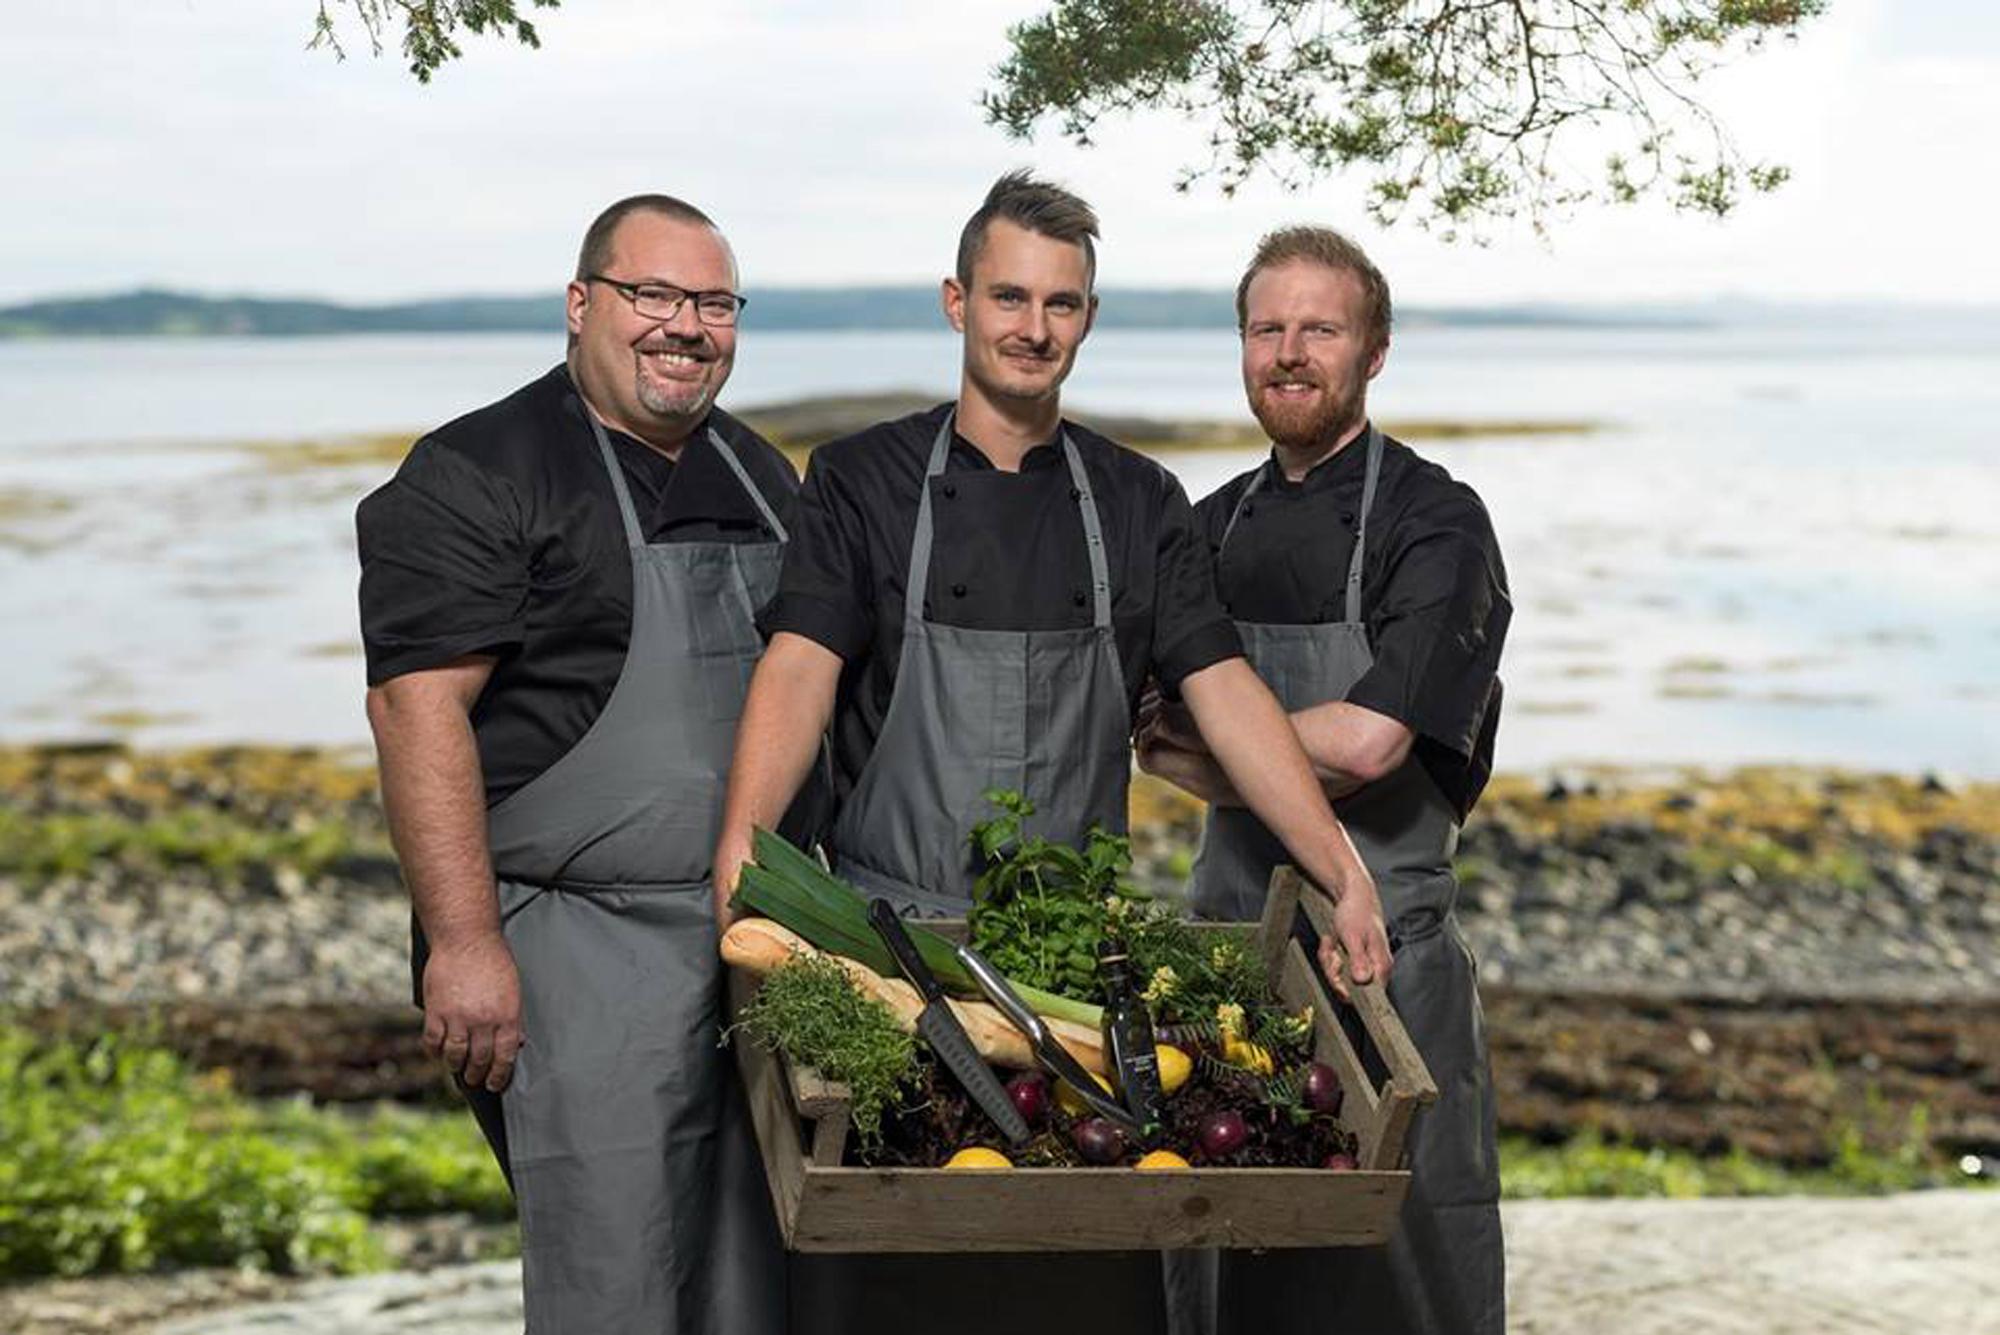 Promobilde av de 3 herrene som har Chef - mathall, spiseri, catering. Copyright: Chef 4 You